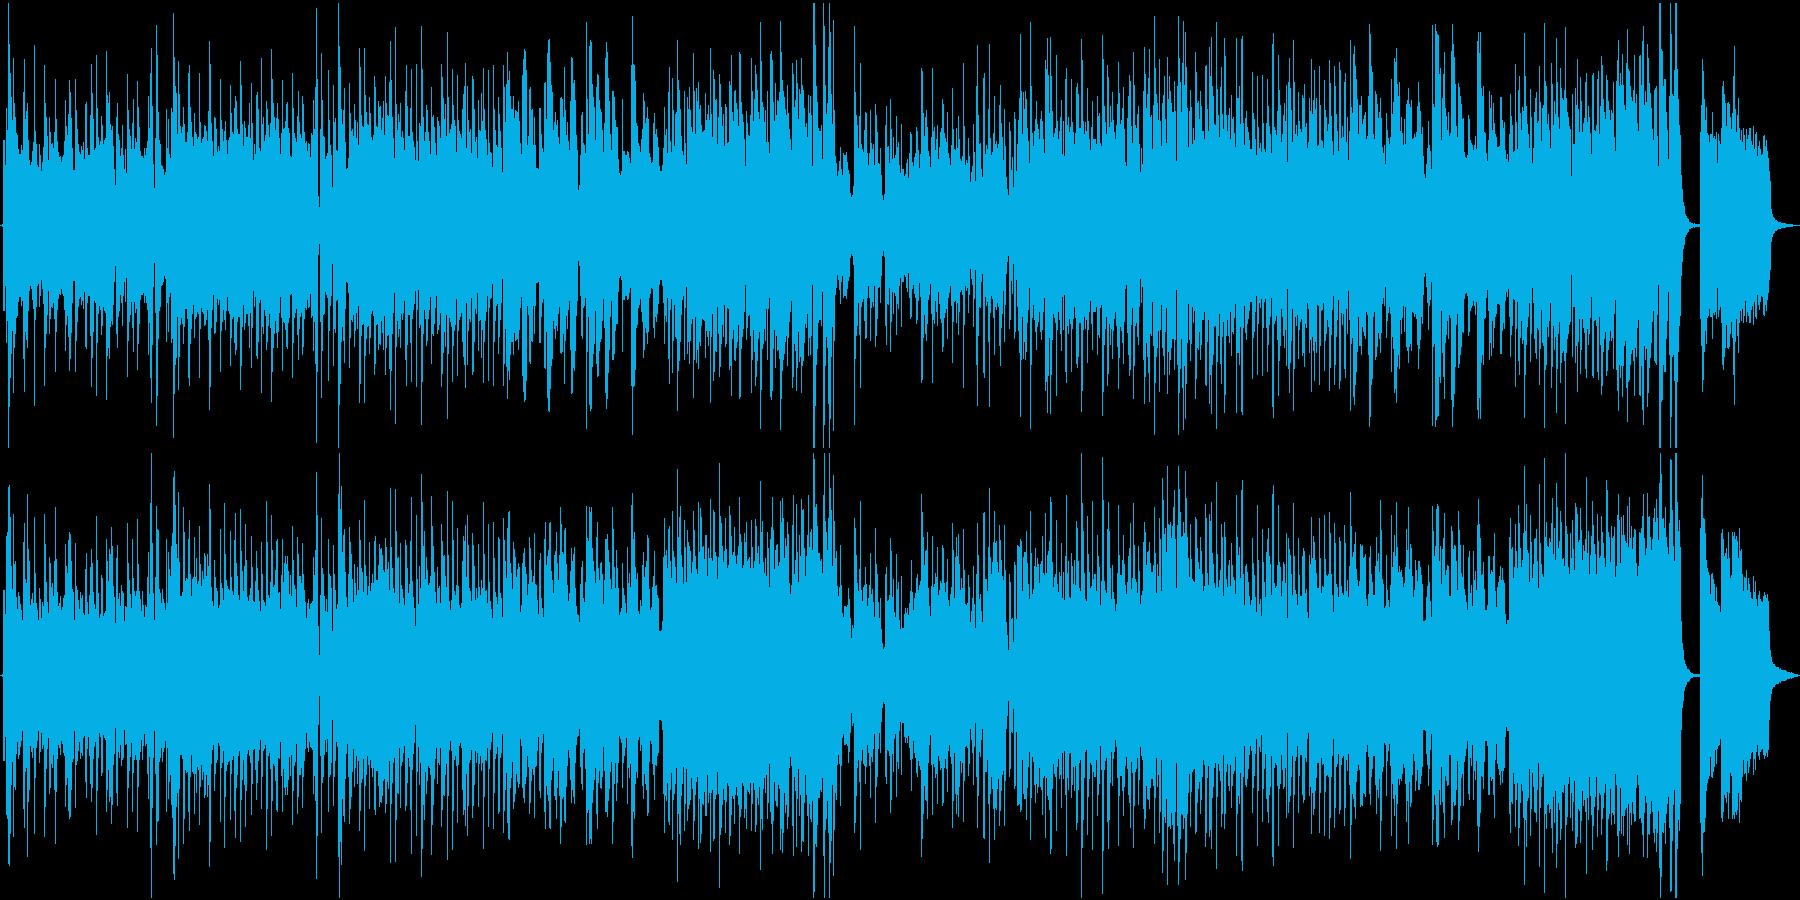 夜のクールな酒場_管楽器主体のジャズの再生済みの波形